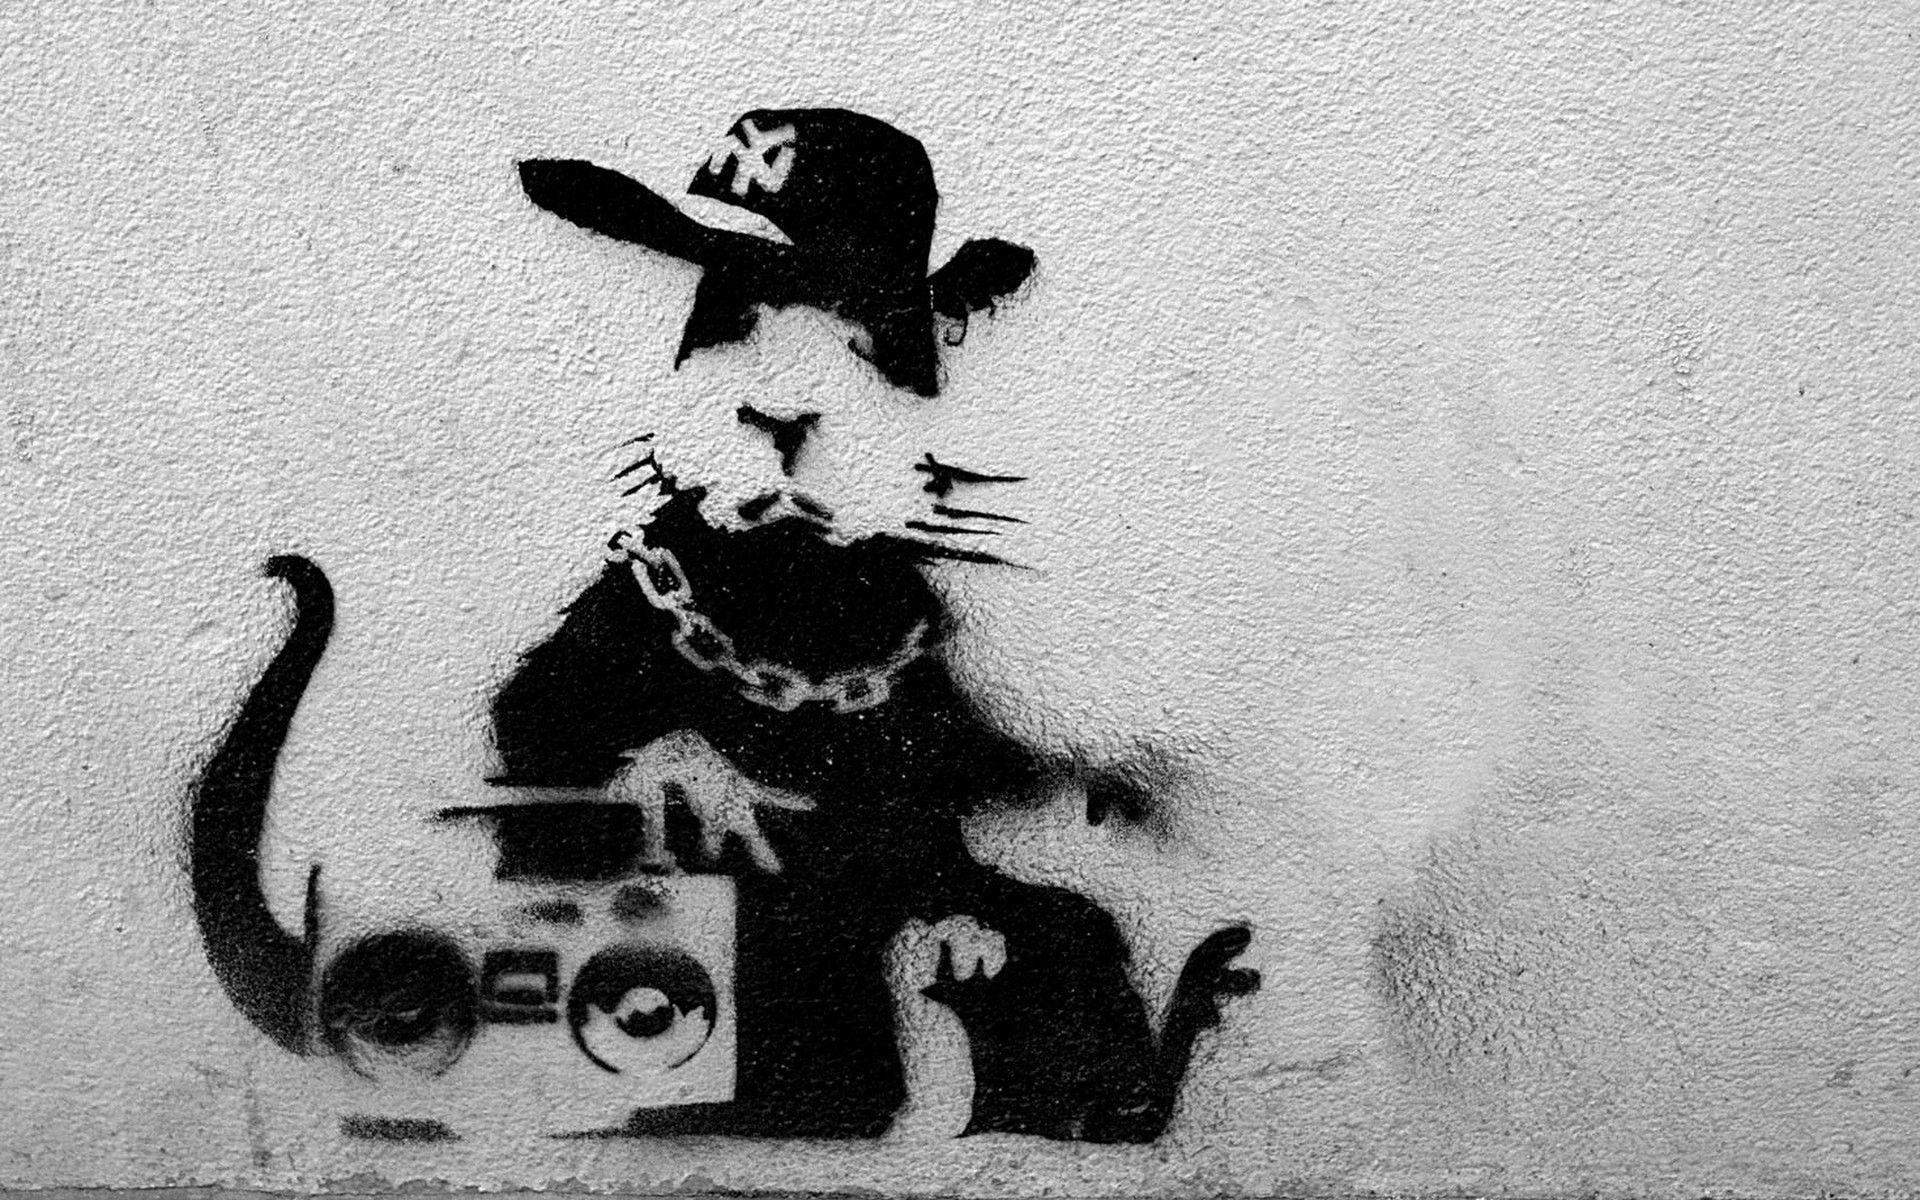 wallpaper.wiki-Rap-Wallpaper-HD-PIC-WPD001169